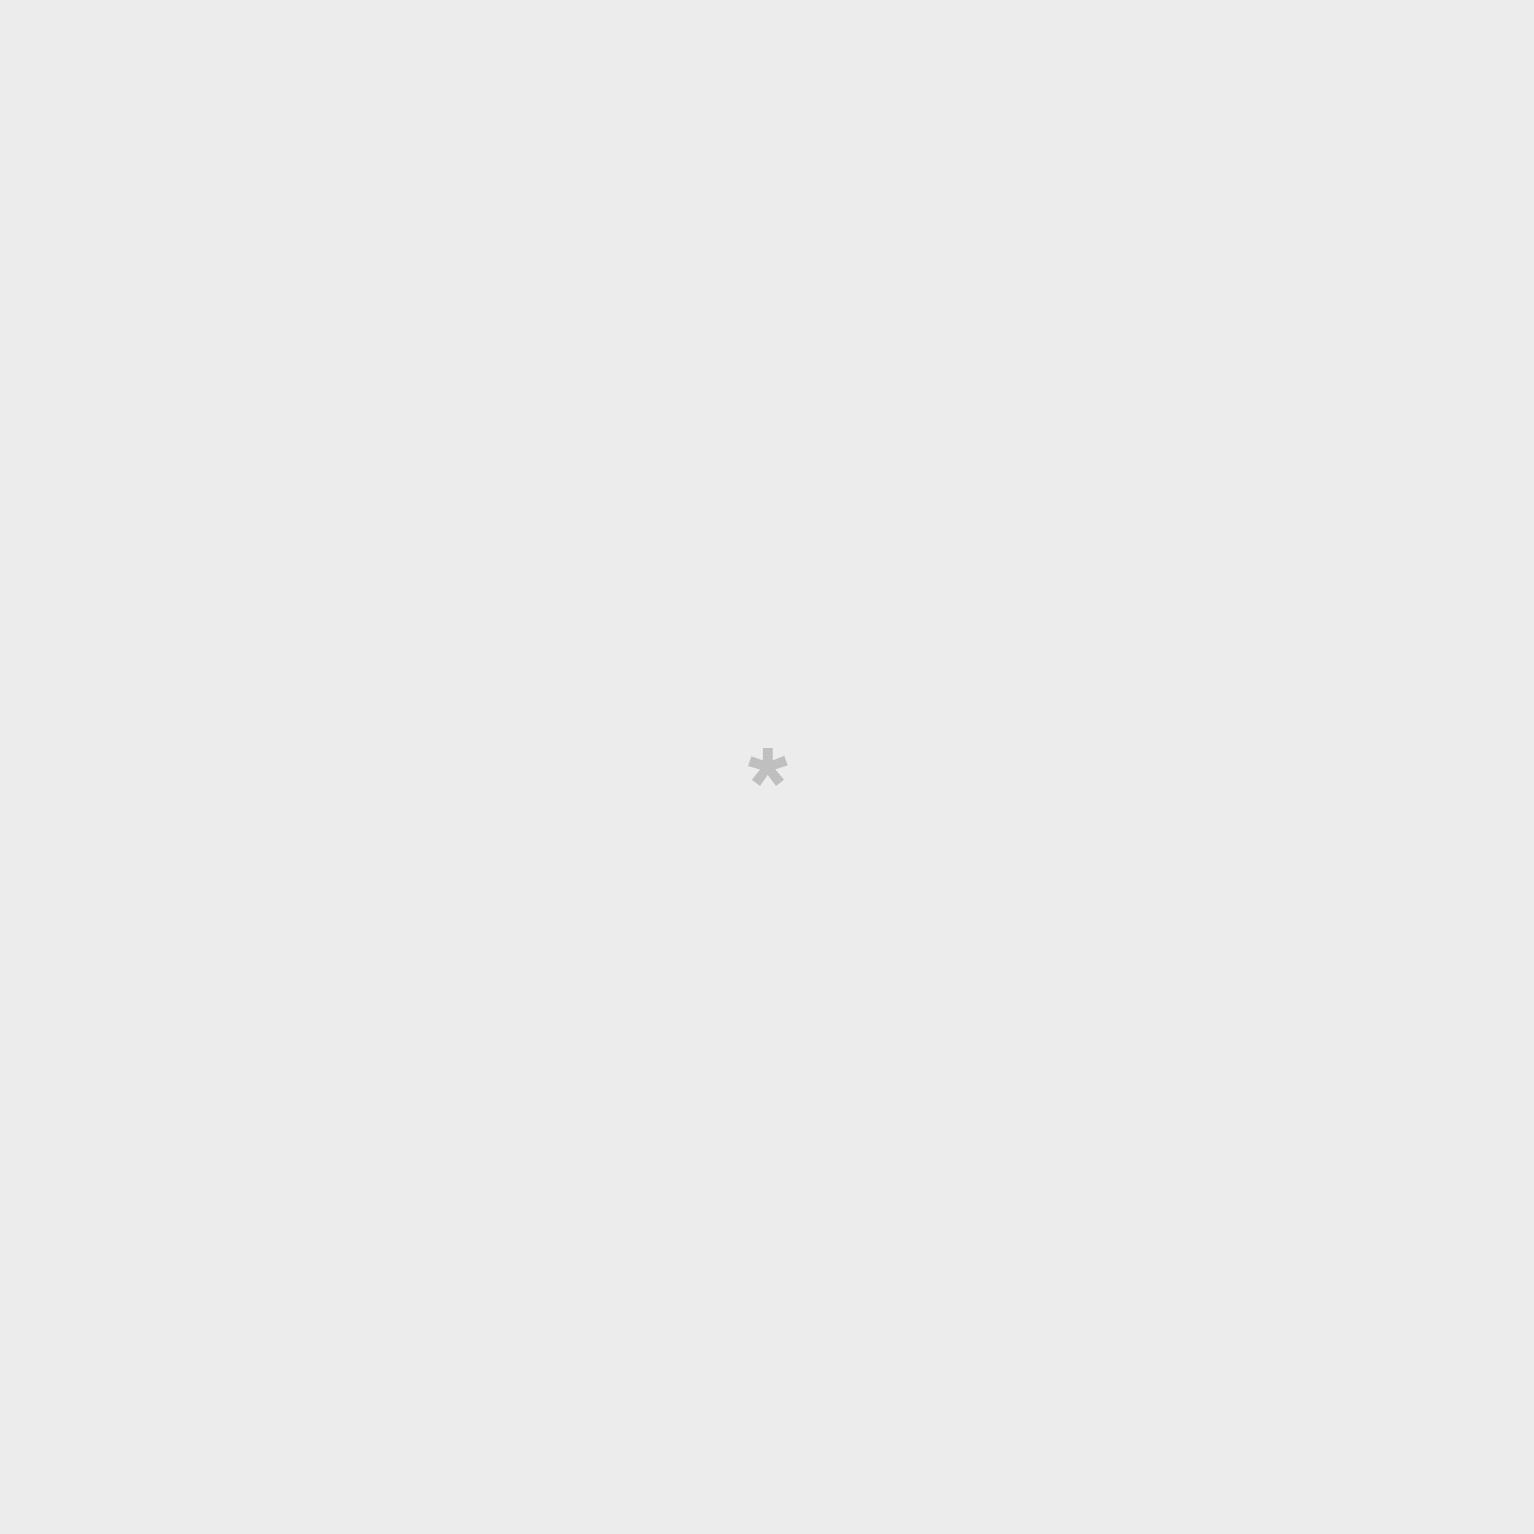 Caderno - Todos os grandes sonhos começam com uma pequena ideia